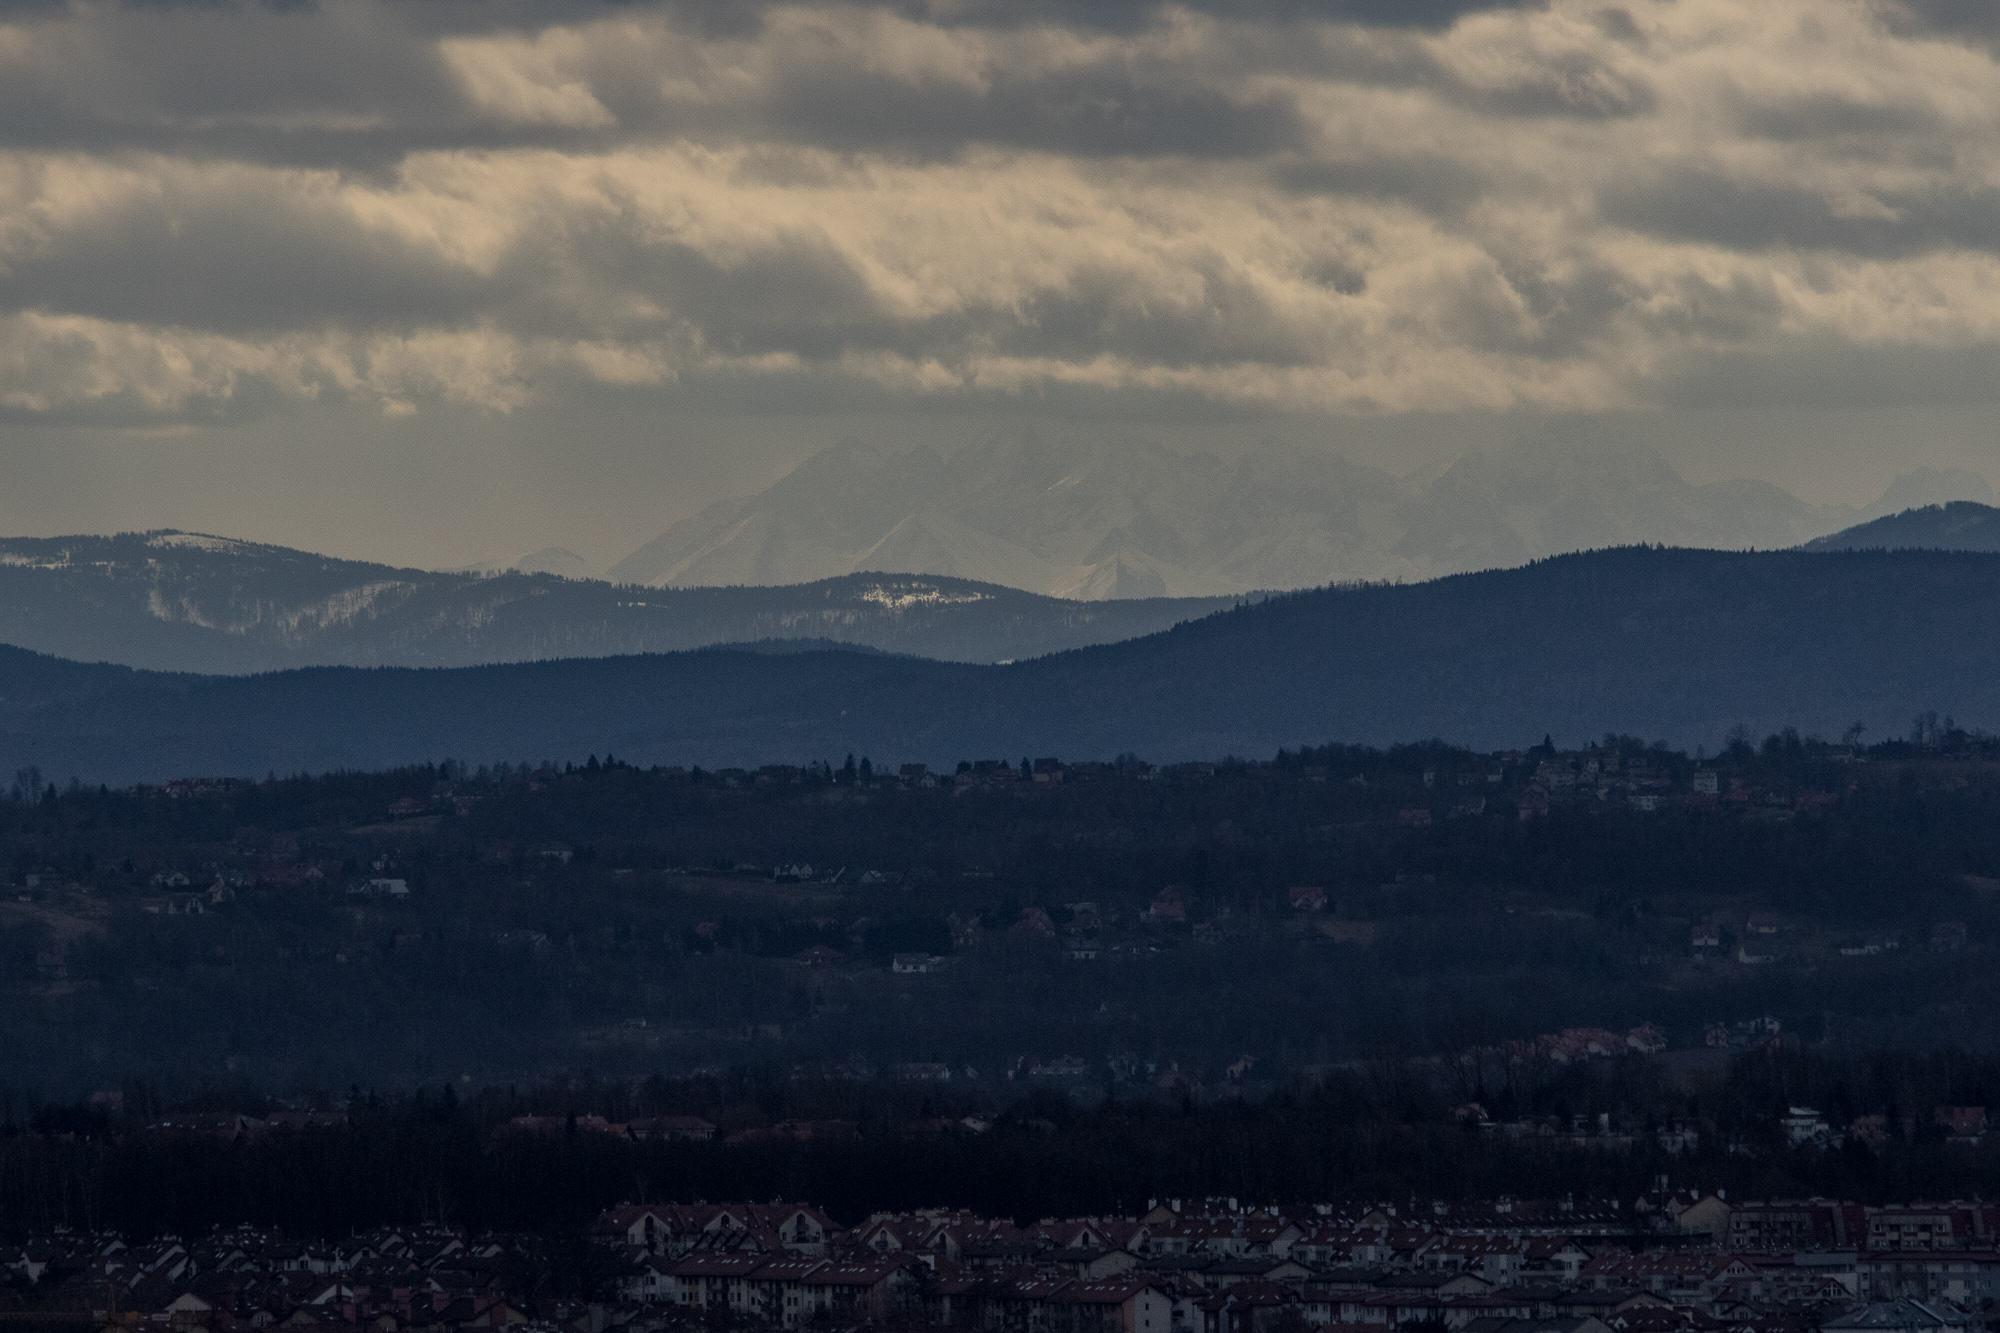 Po smogu ani śladu. Piękne widoki z Krakowa [zdjęcia]